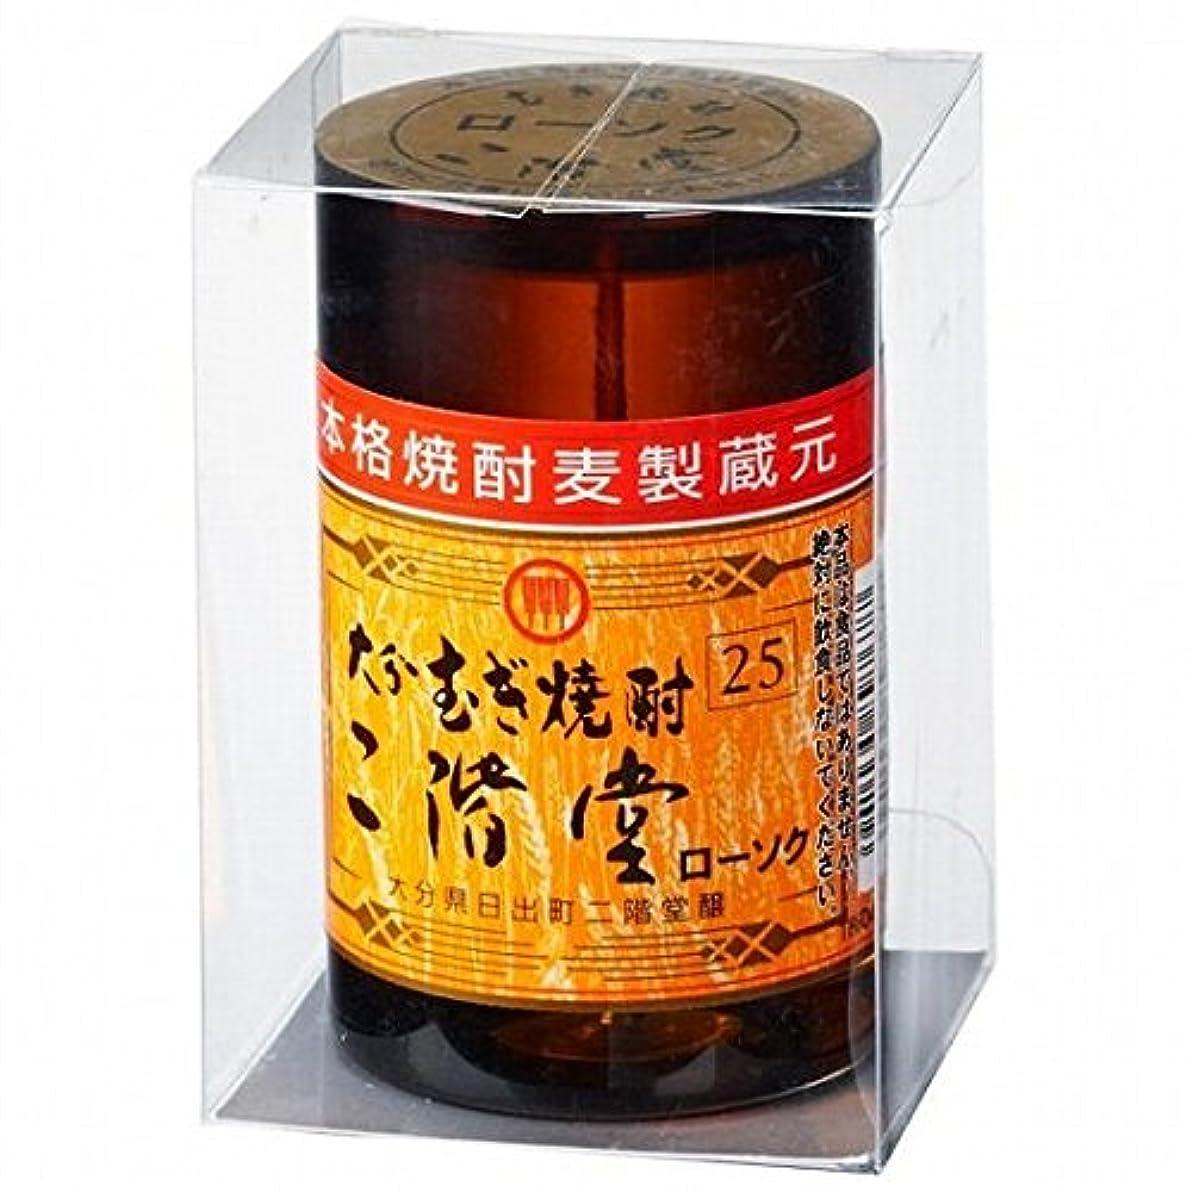 コテージ農学抜け目のないkameyama candle(カメヤマキャンドル) 大分むぎ焼酎 二階堂ローソク キャンドル(86040000)